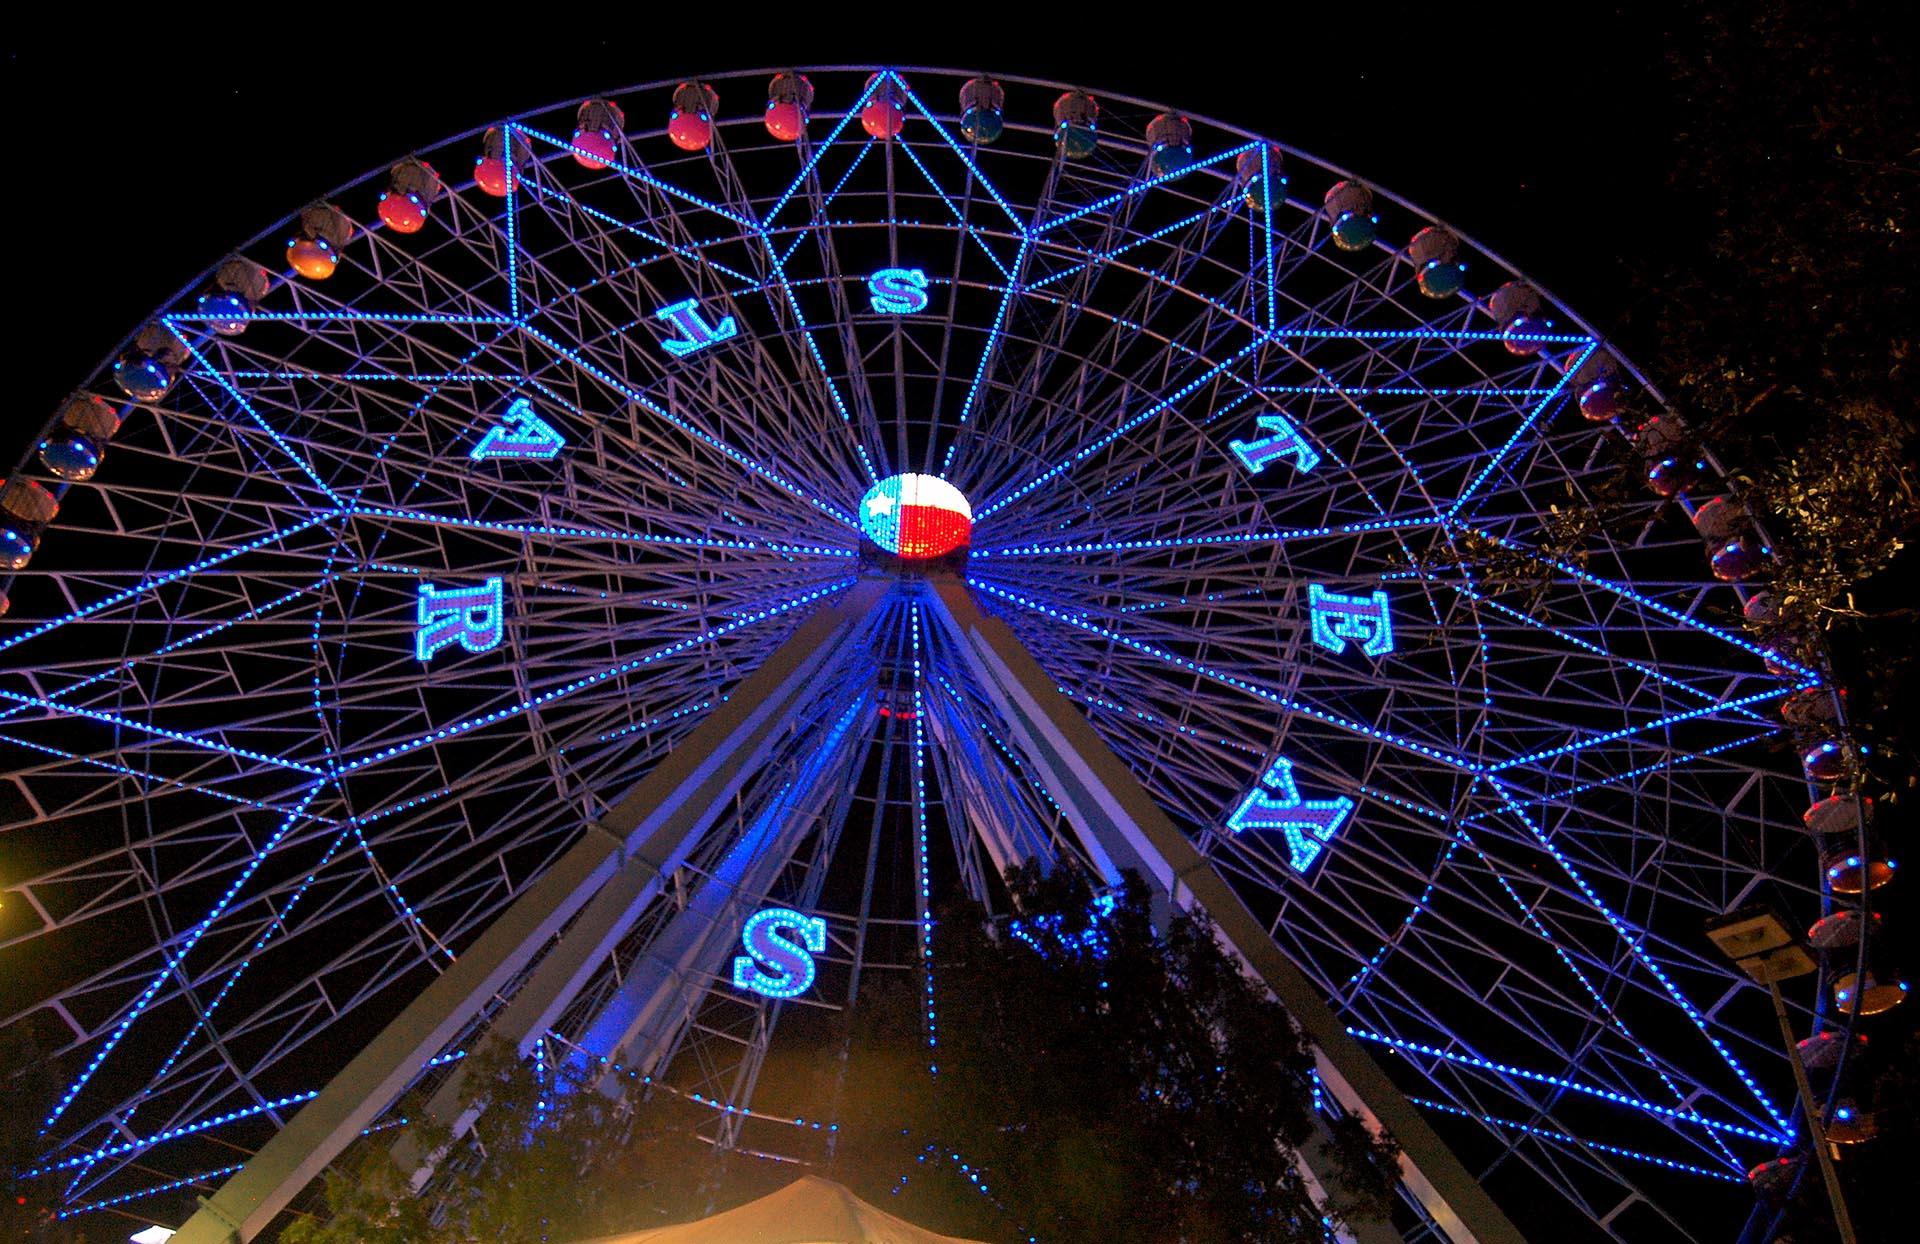 Texas_Star_-_Texas_State_Fair.JPG